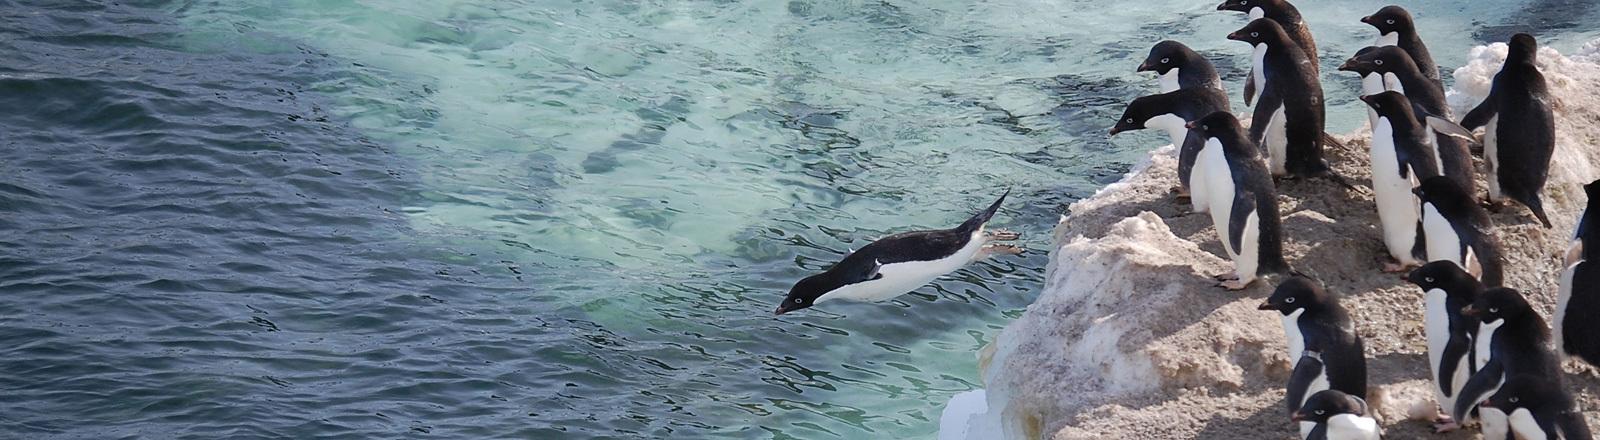 Adelie-Pinguine stehen auf einem Eishügel. Einer springt ins Wasser.